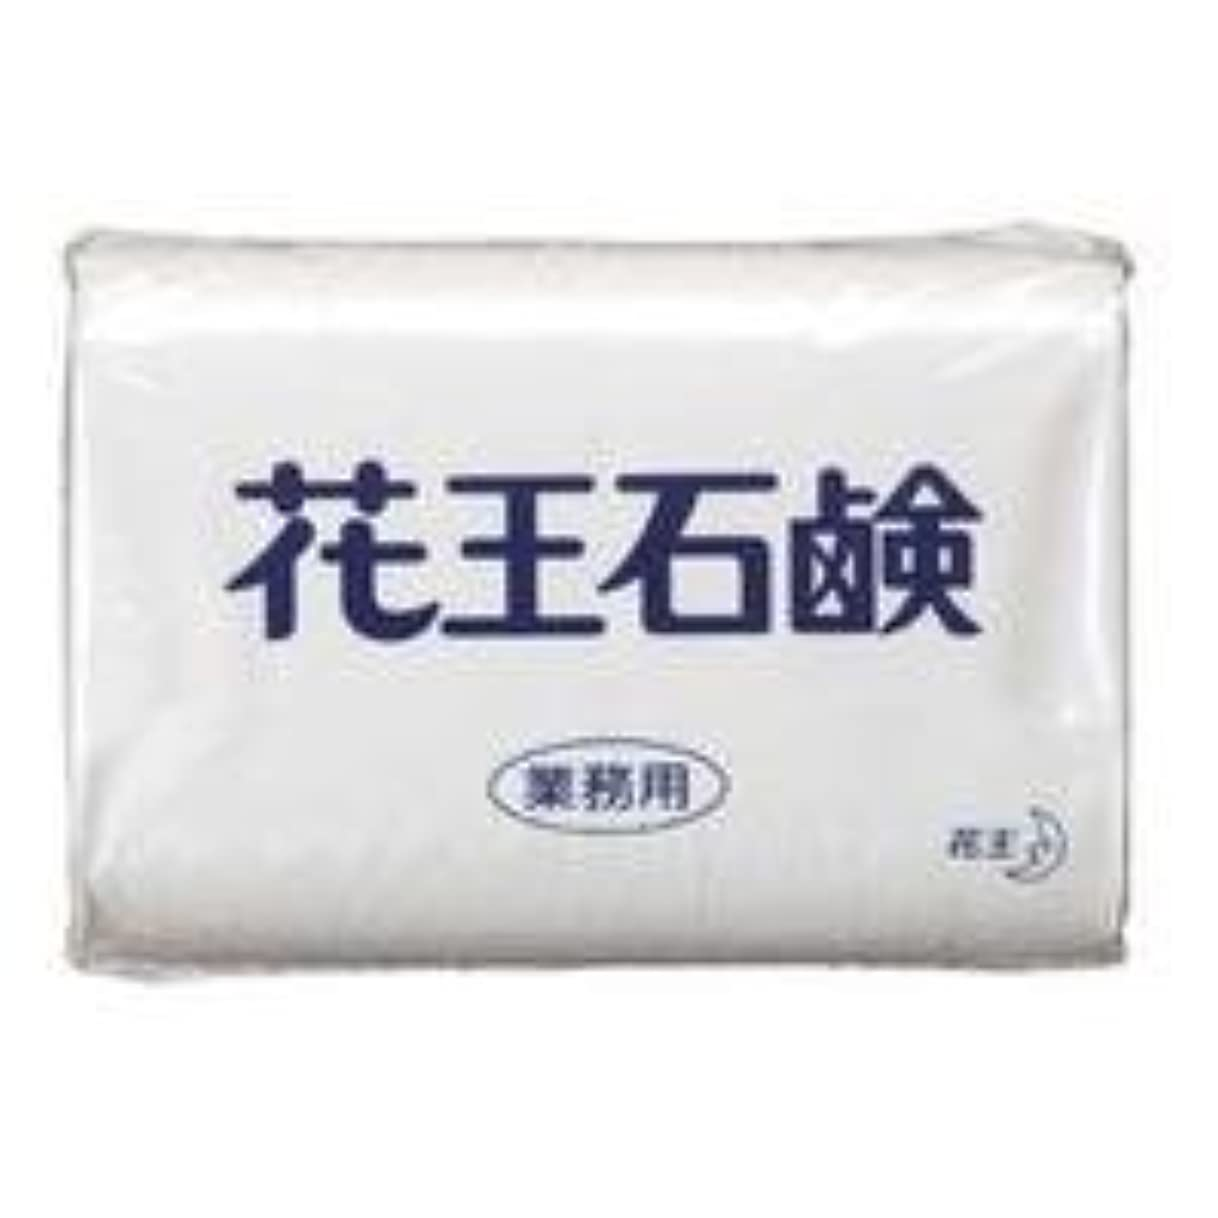 反響する東ティモールペダル業務用石鹸 85g 3個×40パック(120個入り)